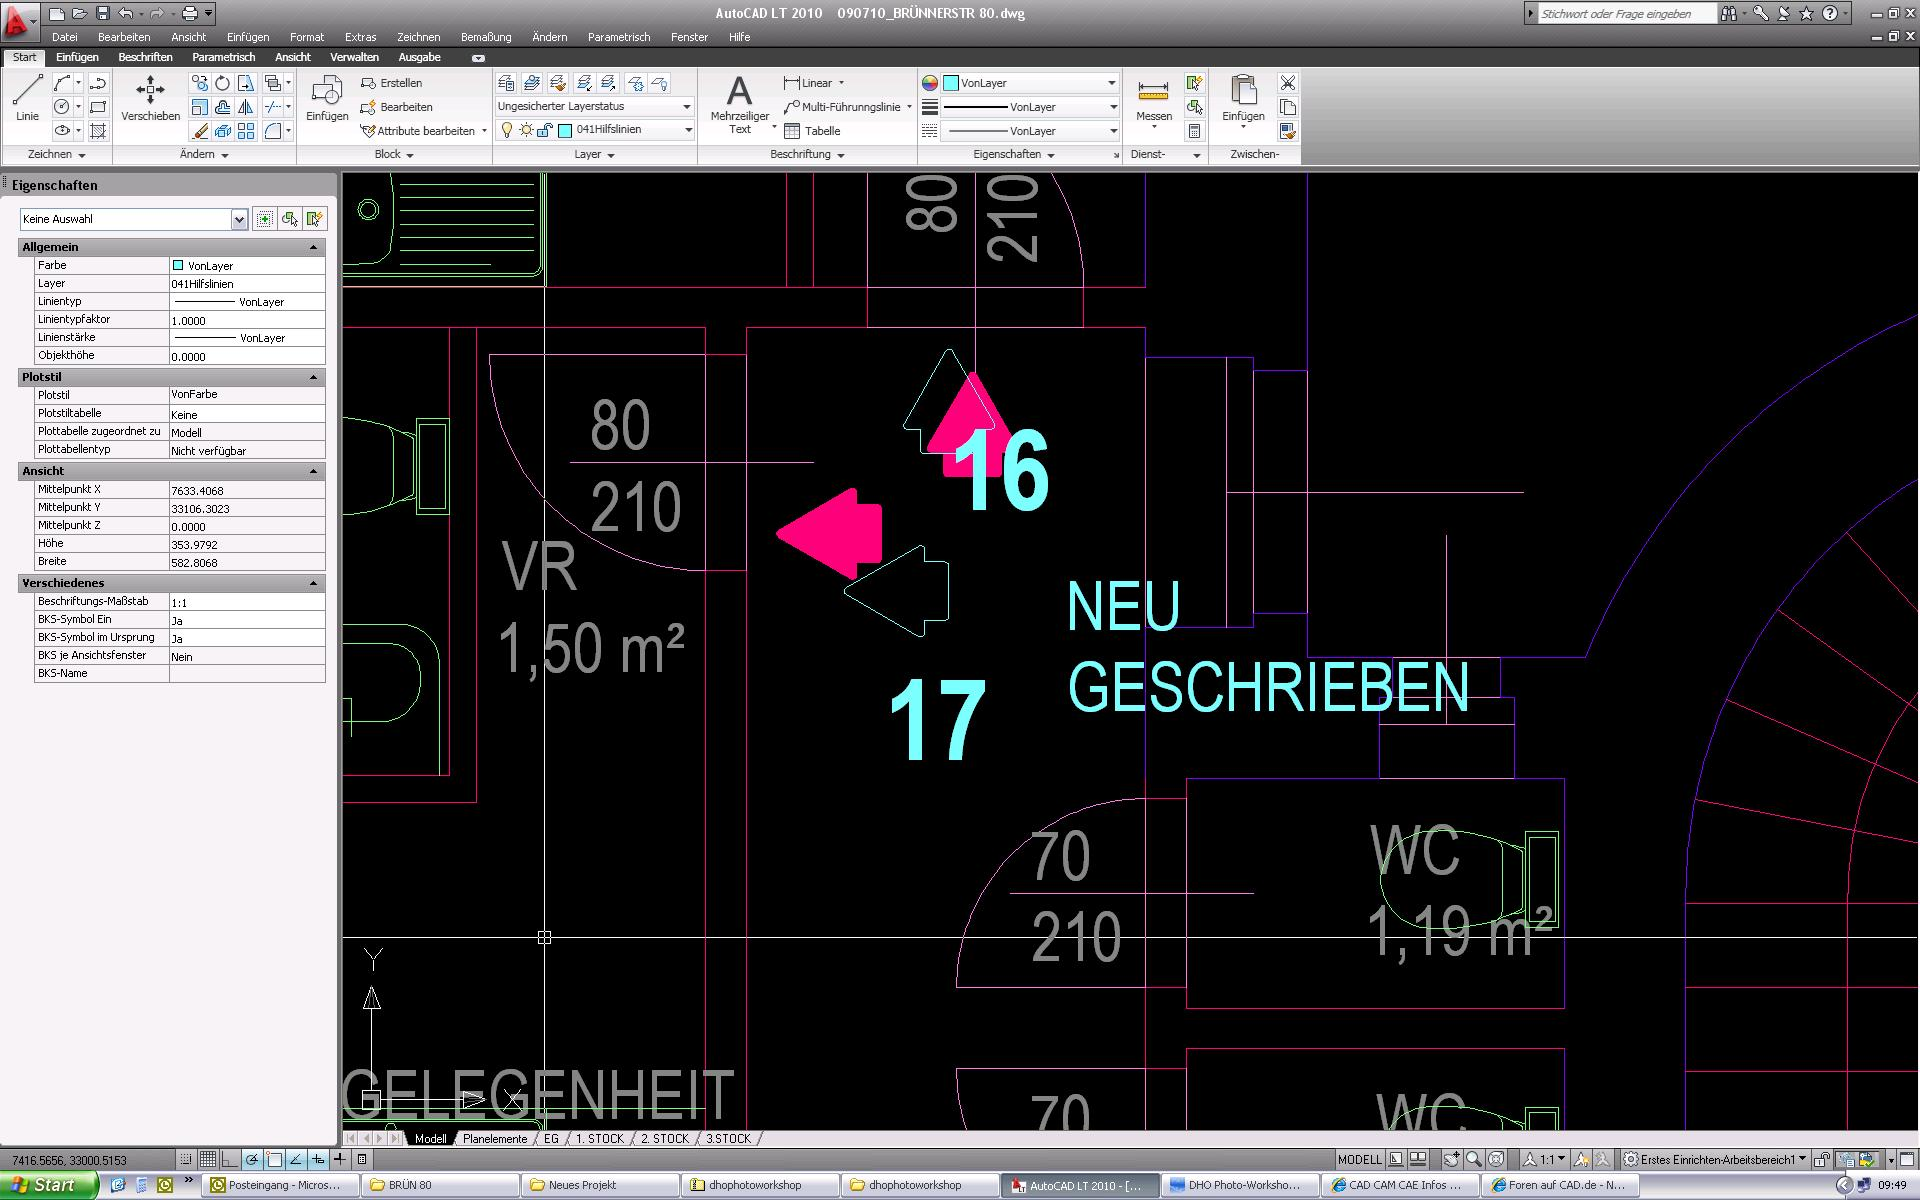 Elemente werden im layout nicht angezeigt (Autodesk/AutoCAD LT ...